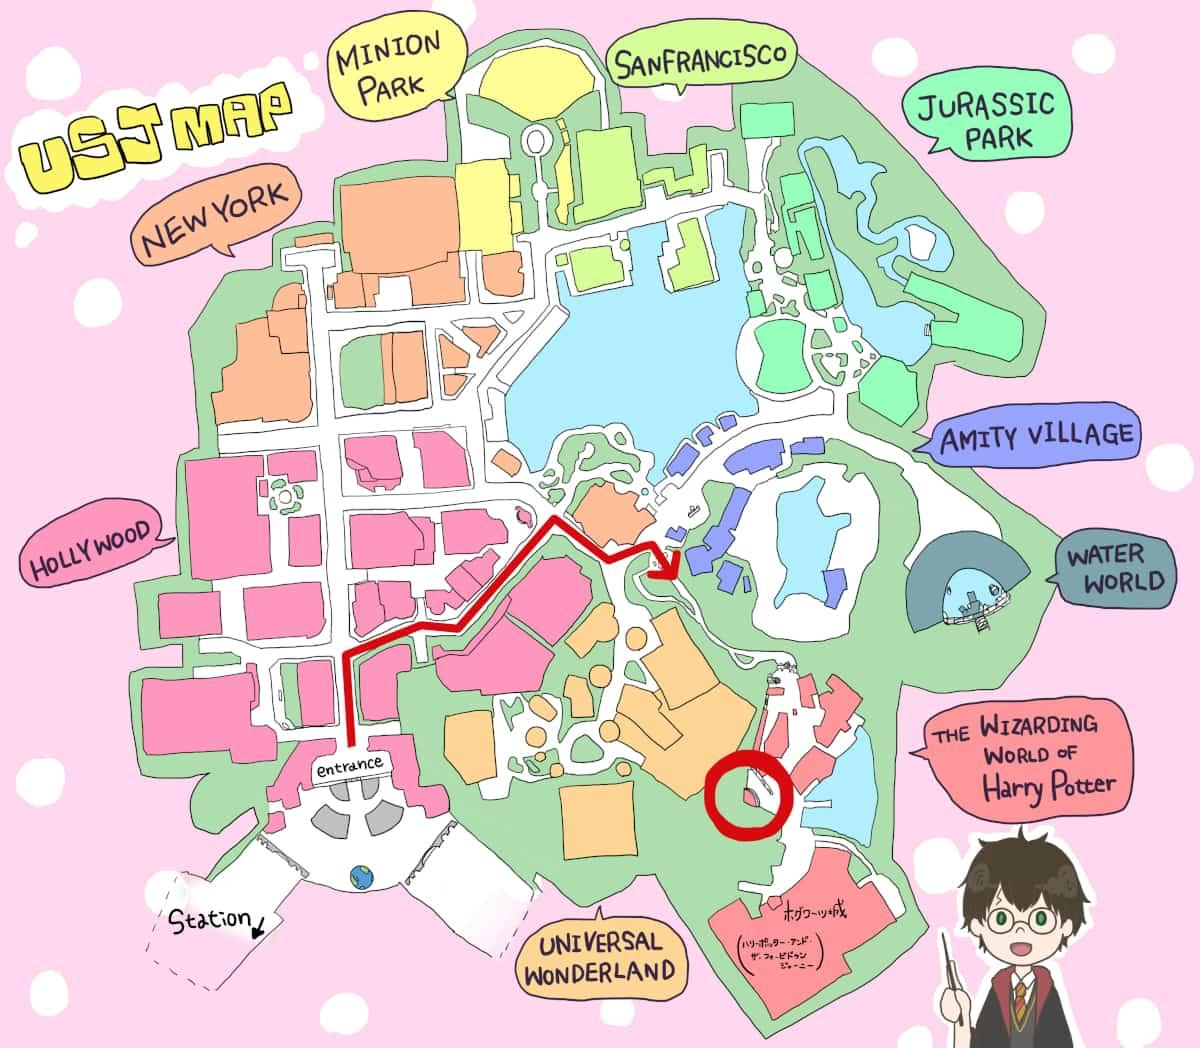 ハリーポッターエリアの地図